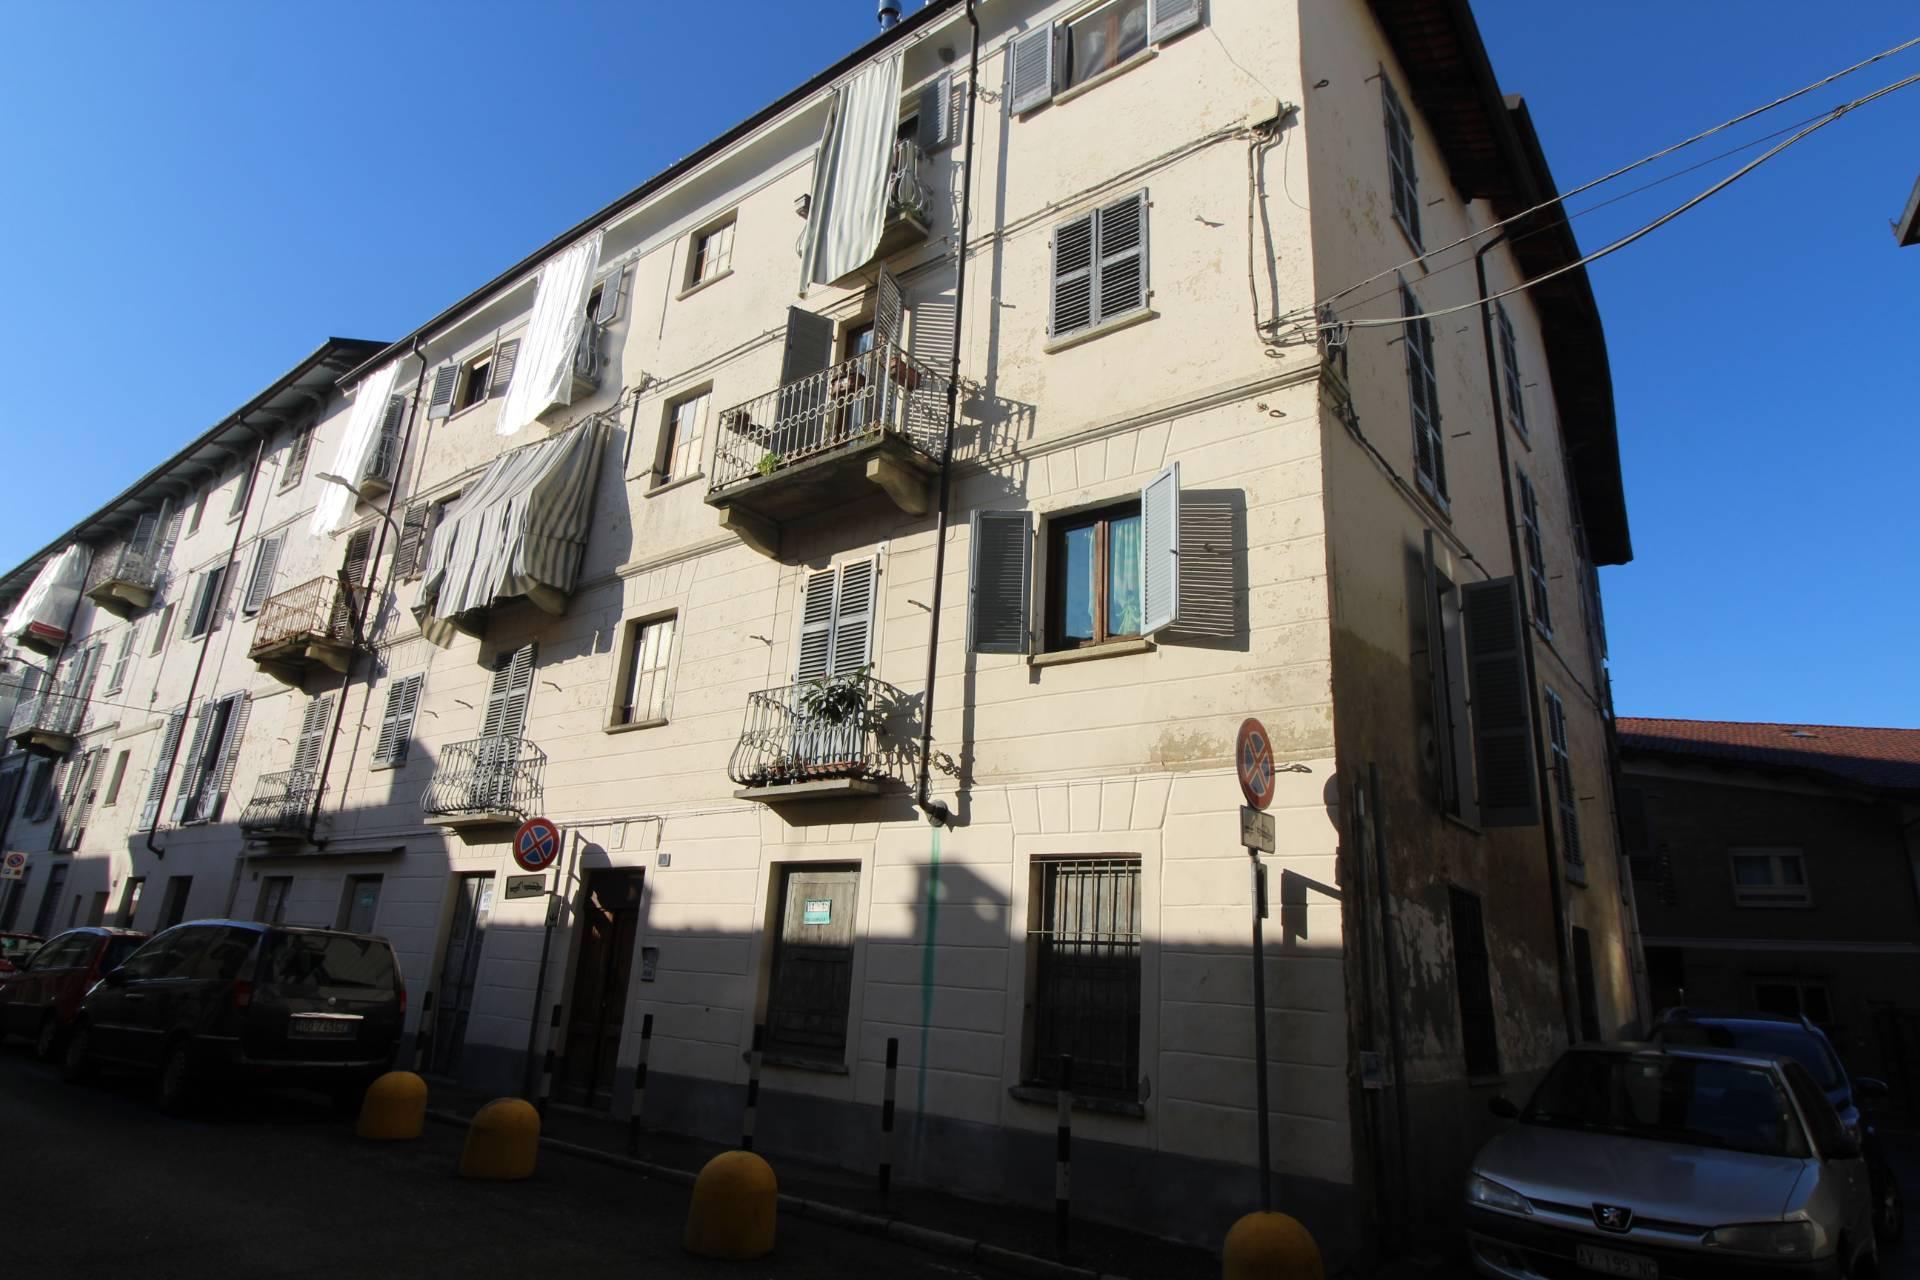 Appartamento in affitto a Venaria Reale, 2 locali, zona Località: Centro, prezzo € 45.000   CambioCasa.it